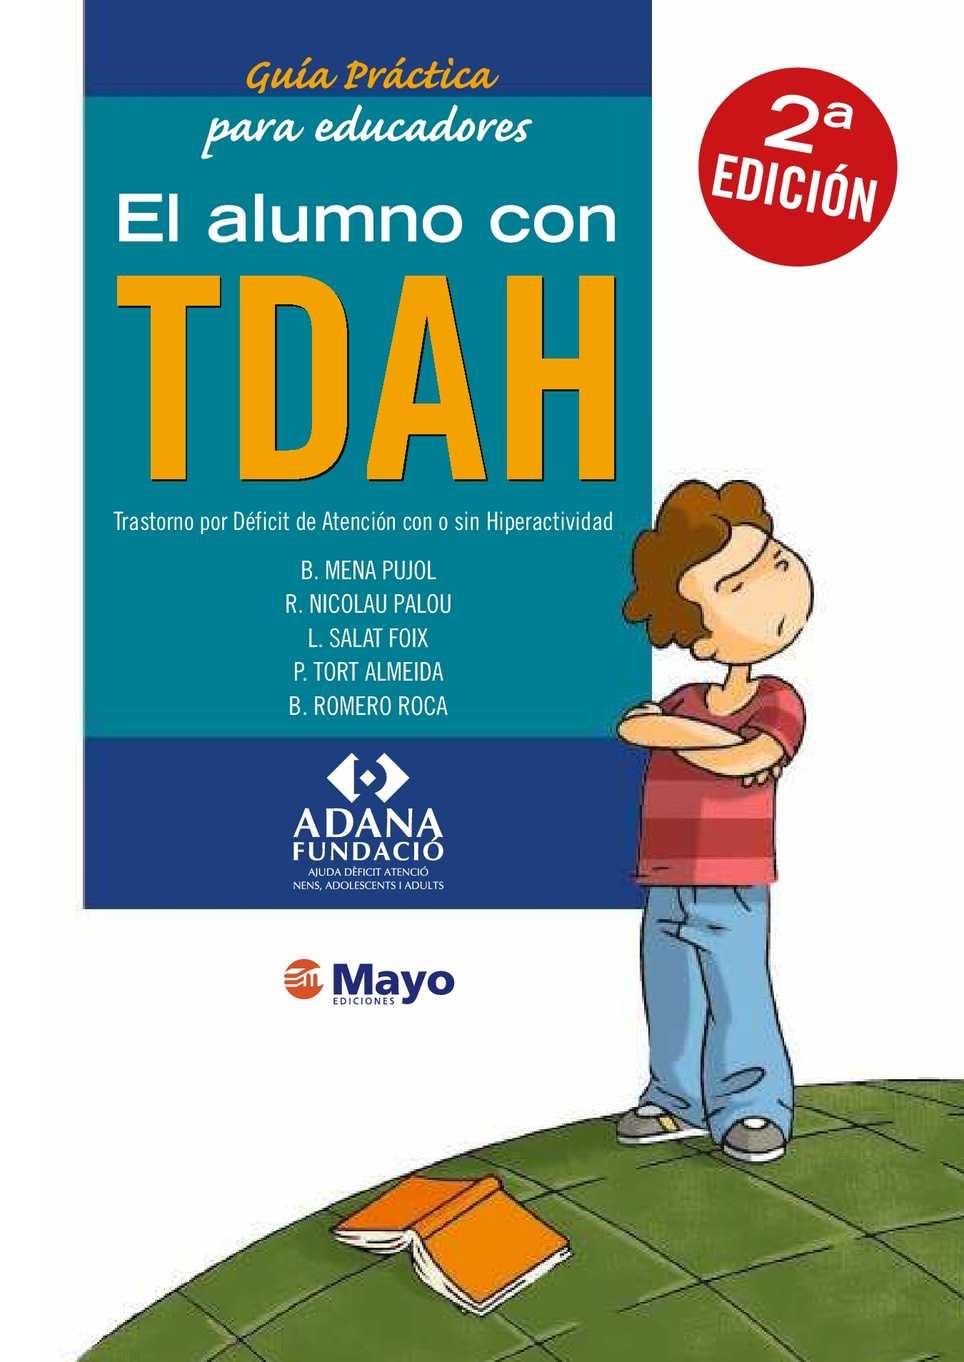 Guía práctica para educadores - El alumno con TDAH